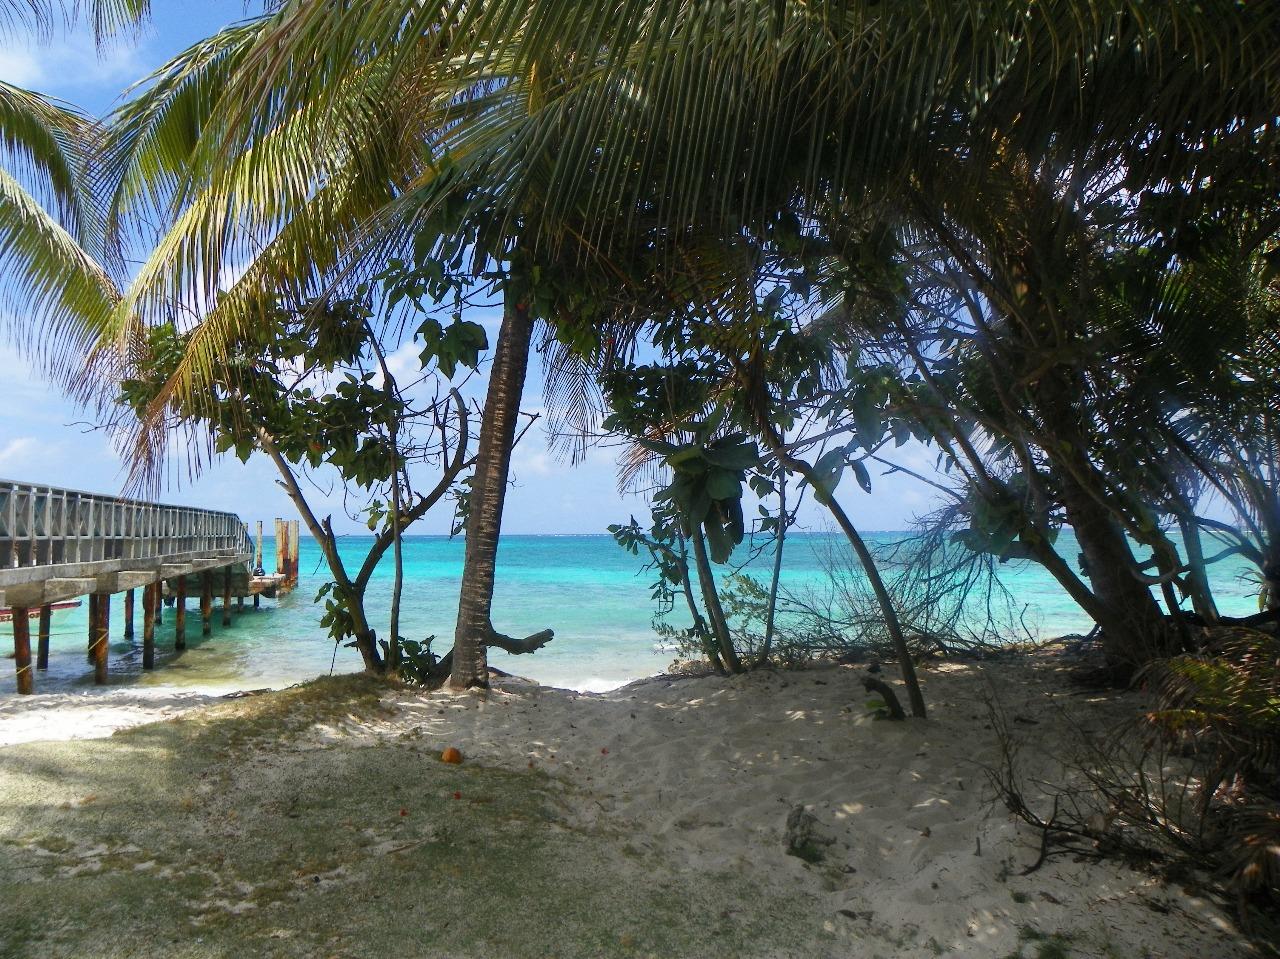 Johnny Cay - San Andrés Islas - Colombia - Colombiatours.travel - Blog - San Andrés Islas mucho más que mar